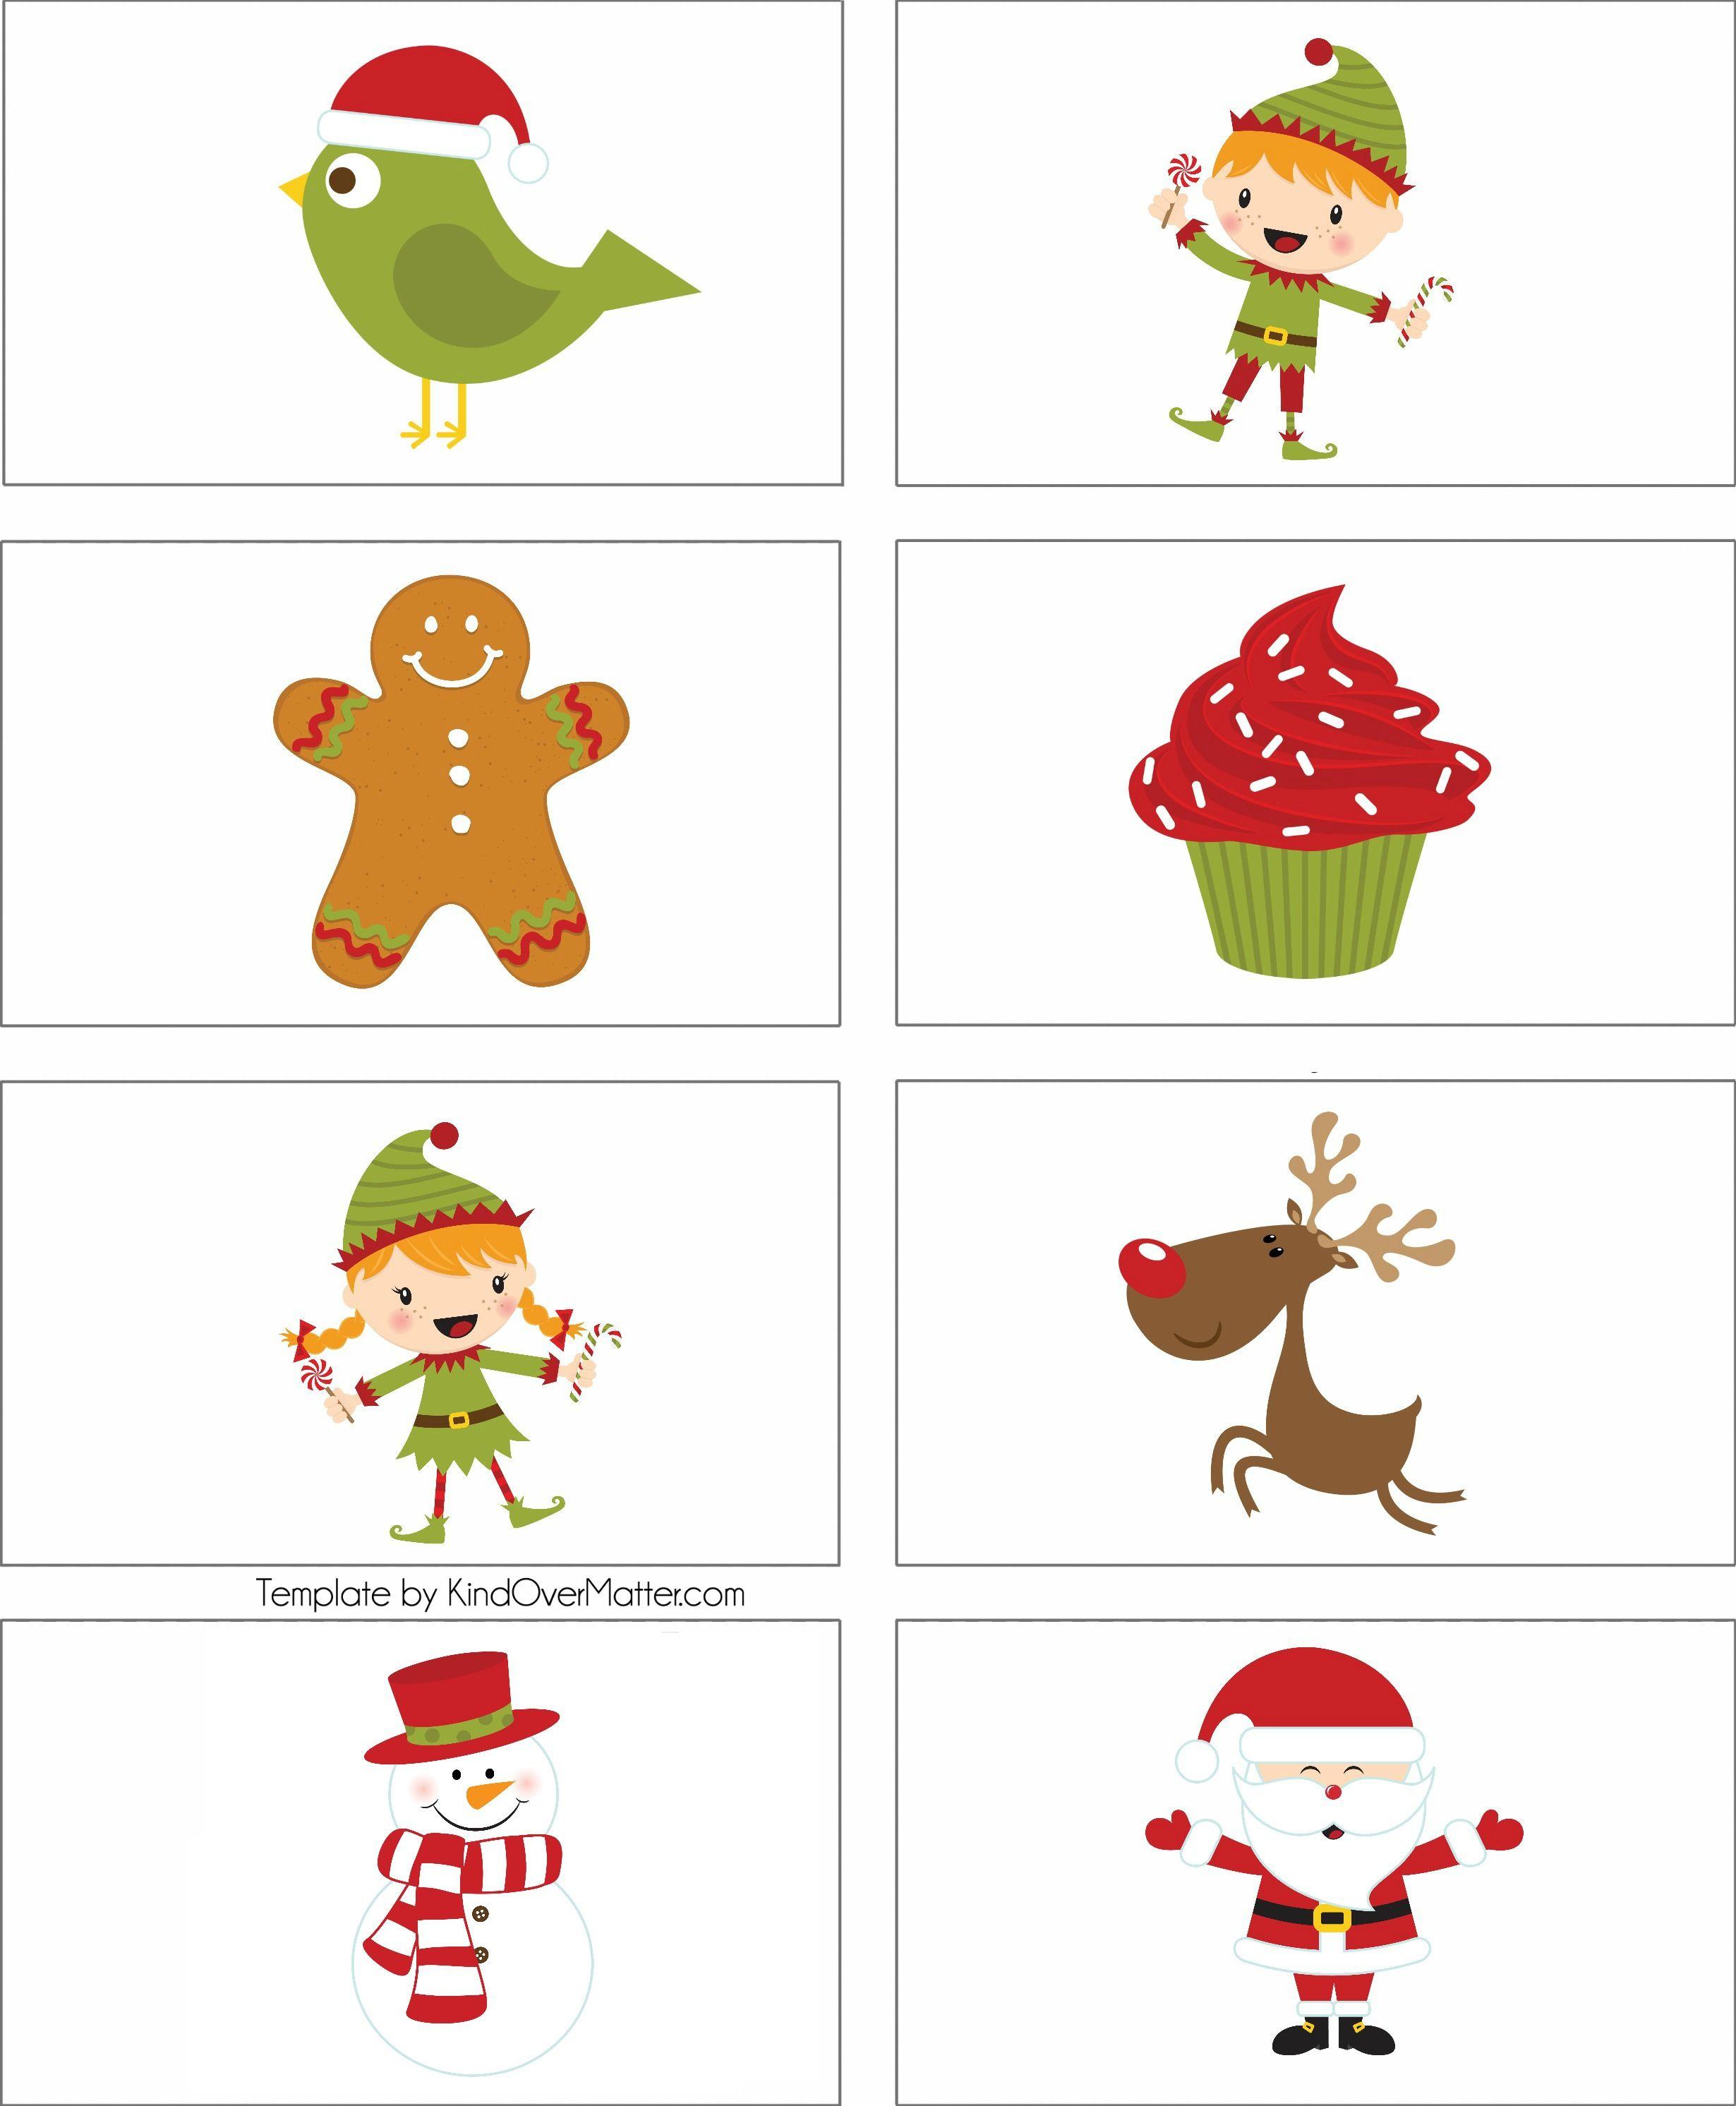 Free Printable Christmas Cards | Christmas Card Stock Paper Printer - Free Printable Card Stock Paper